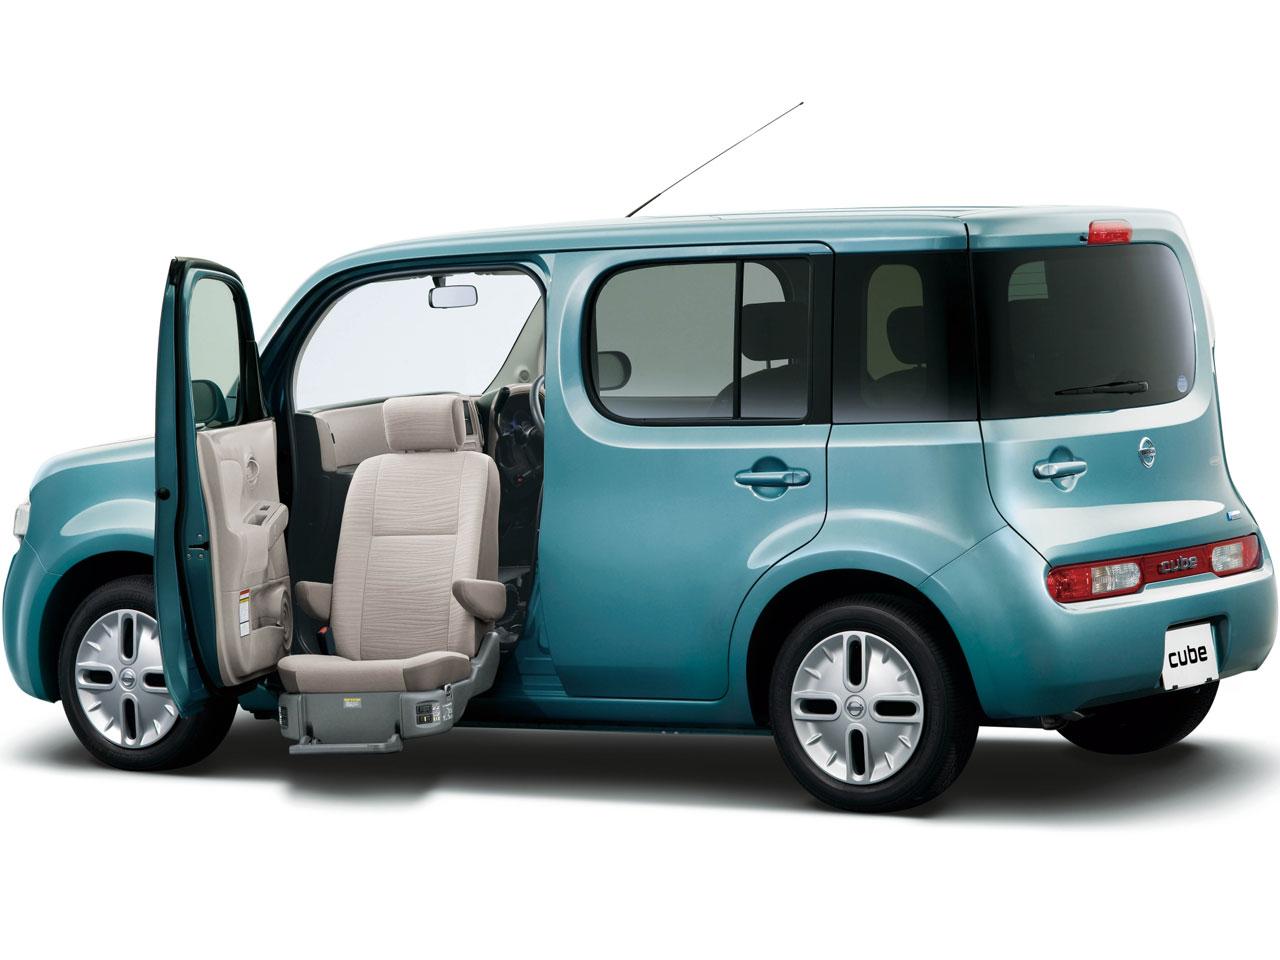 日産 キューブ 福祉車両 2008年モデル 新車画像